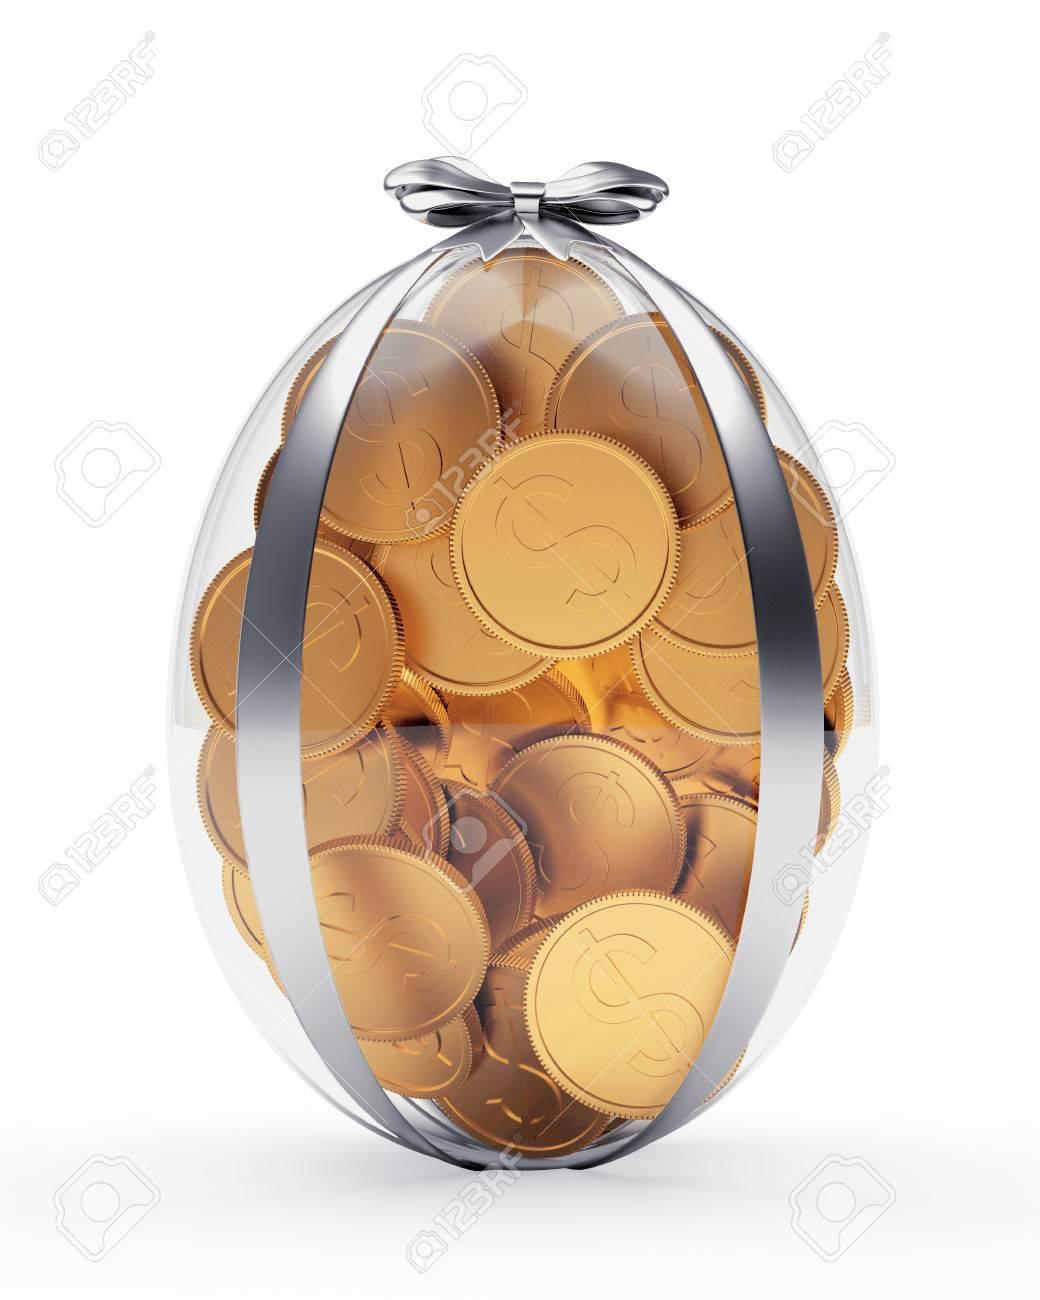 Easter gift glass easter egg full of golden coins isolated on easter gift glass easter egg full of golden coins isolated on white background stock photo negle Images